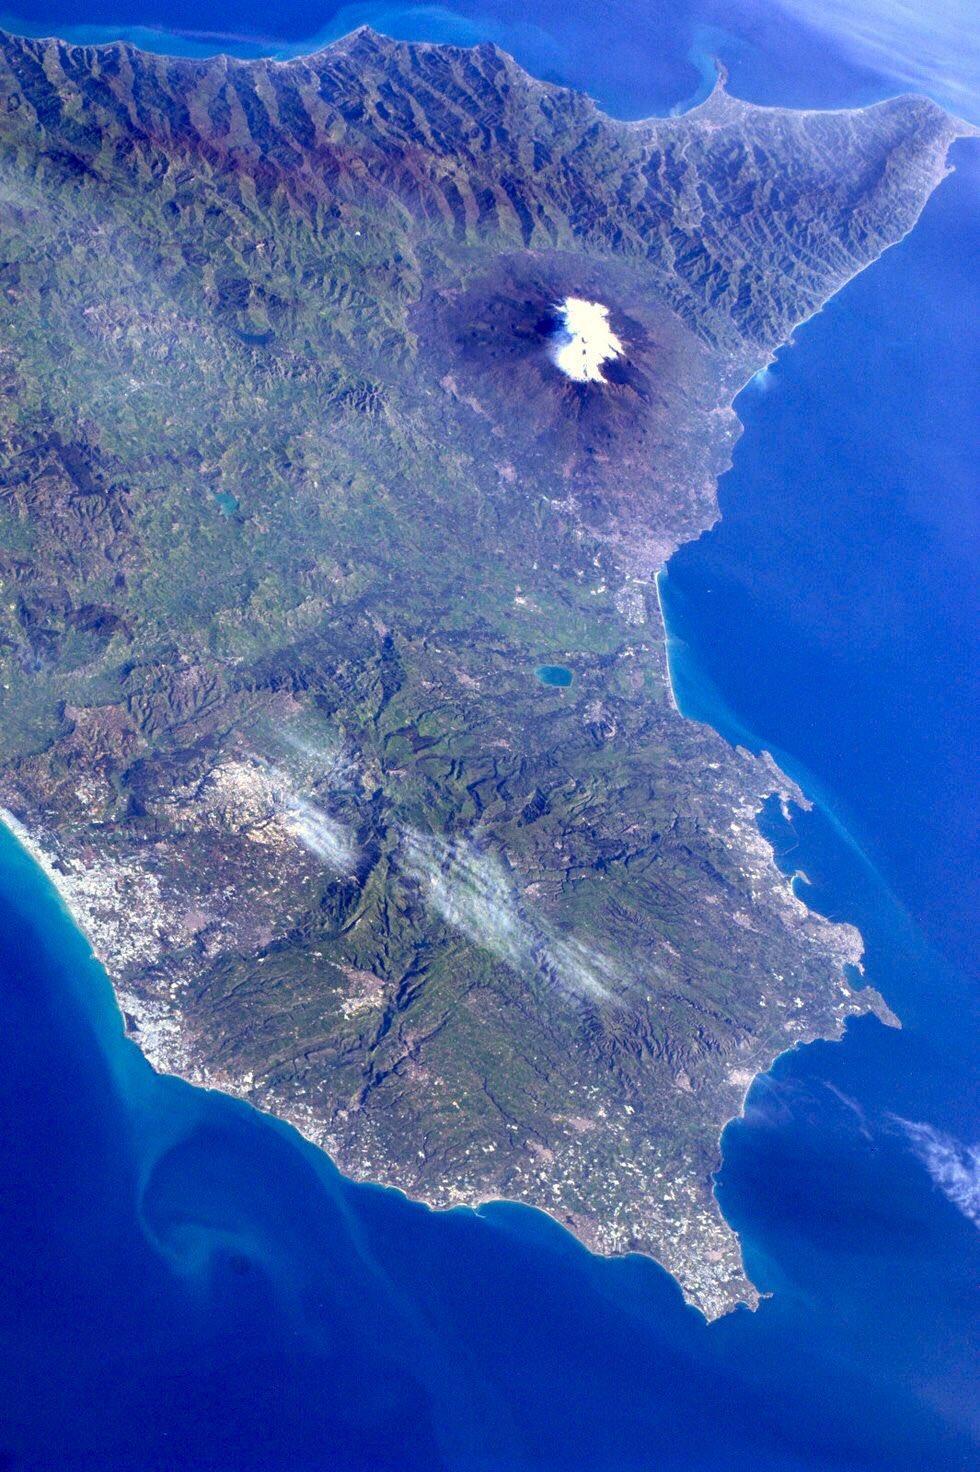 Так Этна выглядит из космоса / фото NASA